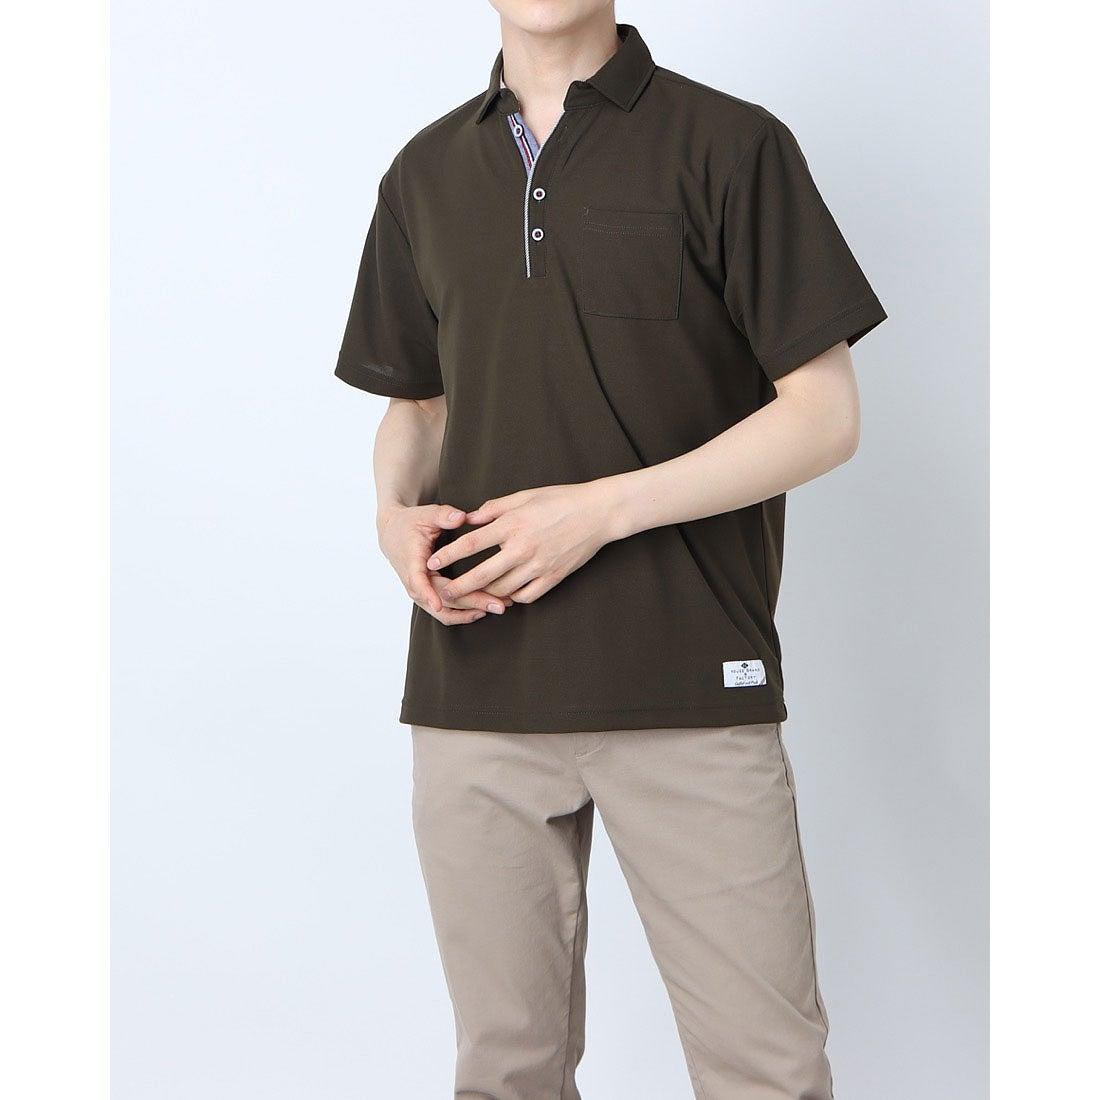 ロコンド 靴とファッションの通販サイトスタイルブロック STYLEBLOCK ドライカノコポロシャツ (カーキ)